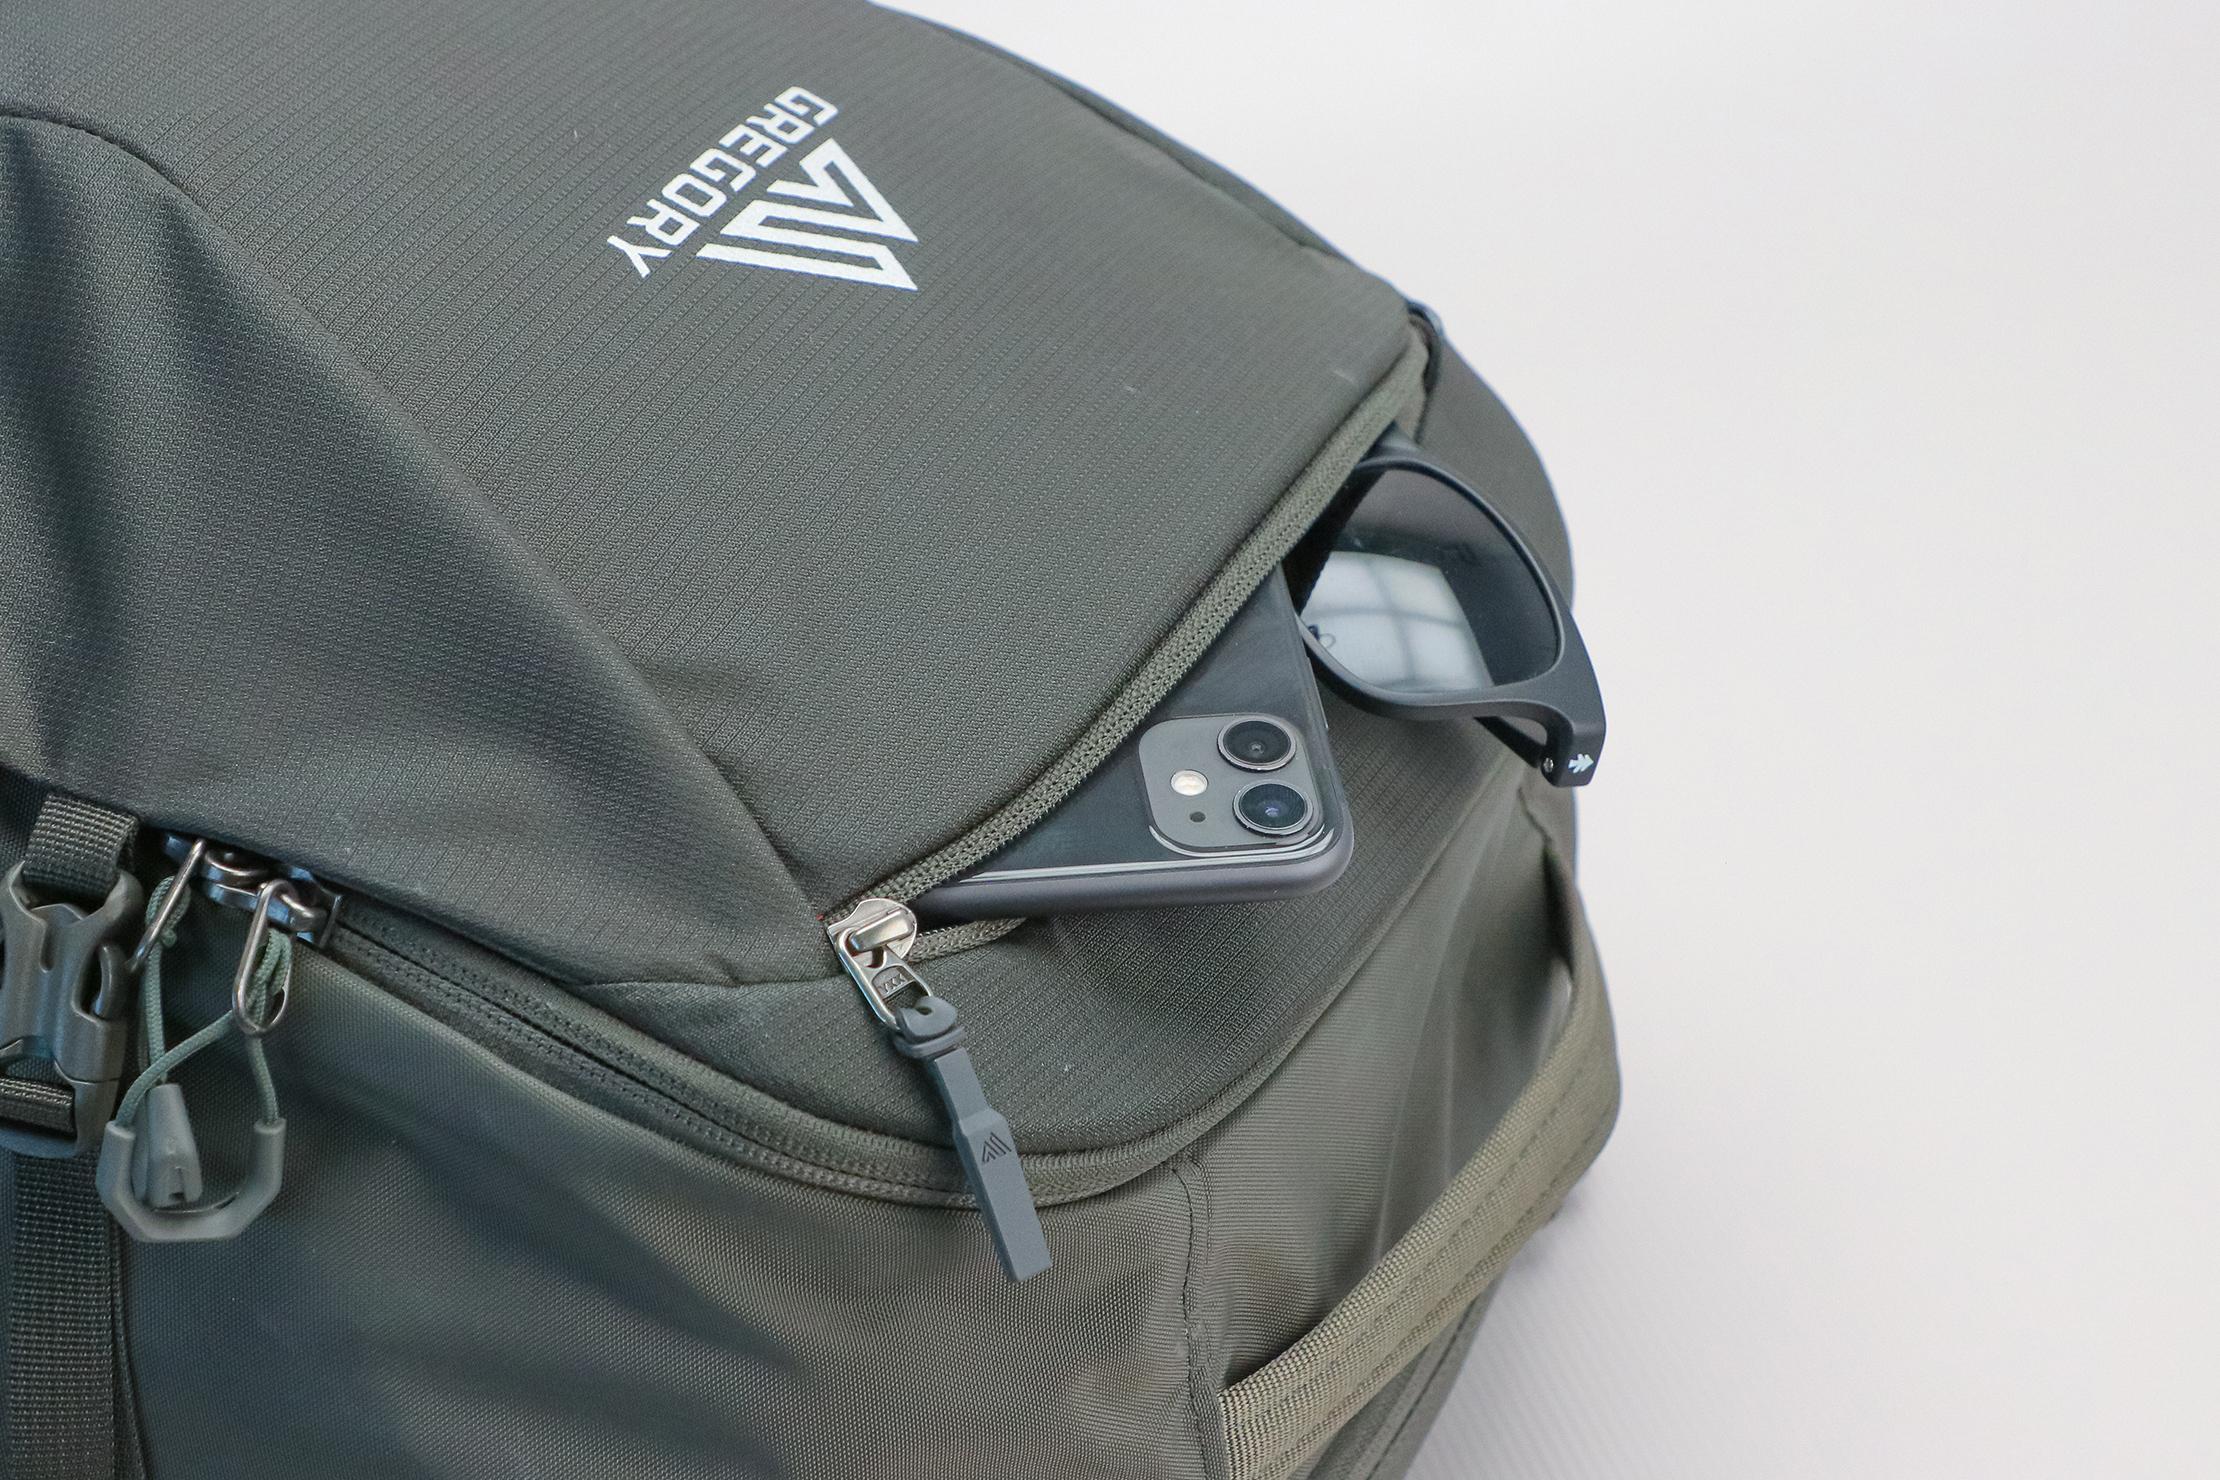 Gregory Detour 40 Backpack Top Pocket